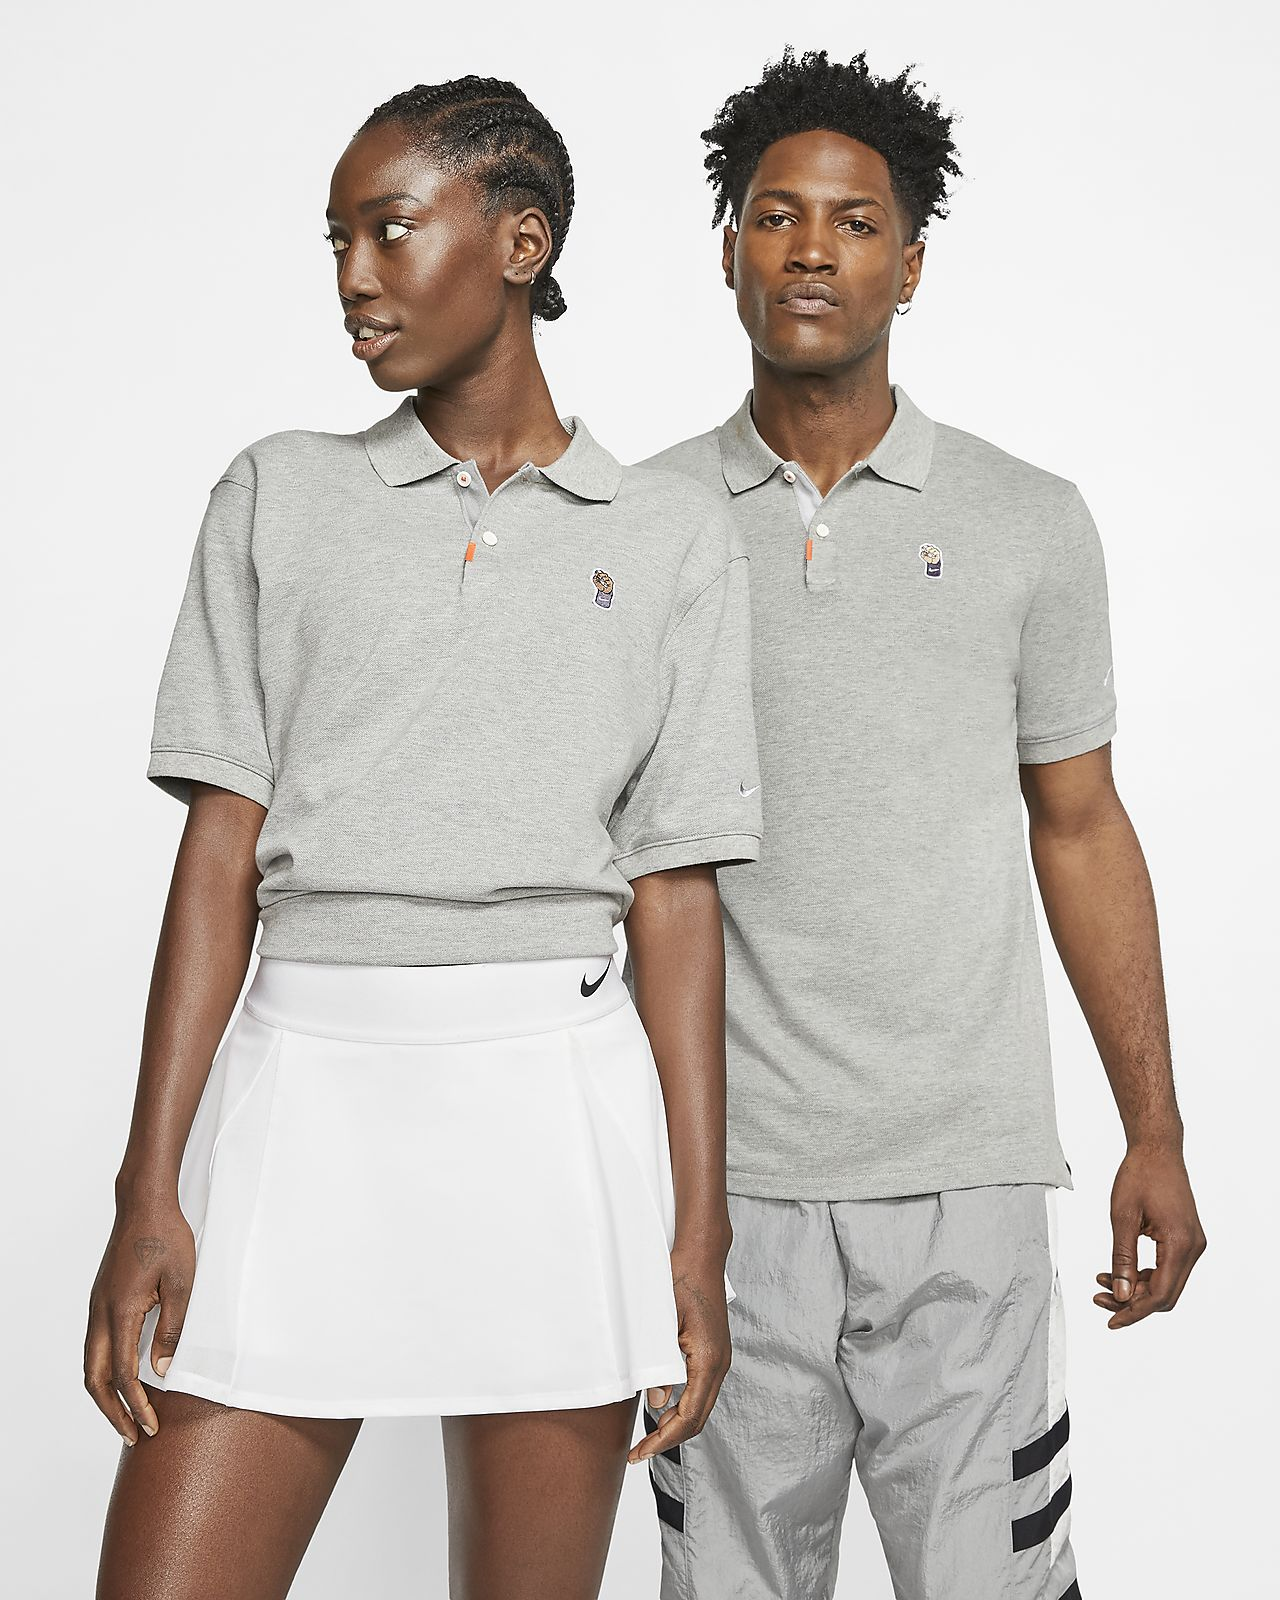 Polo Slim Fit The Nike Polo ¡Vamos Rafa! Polo slim fit - Unisex